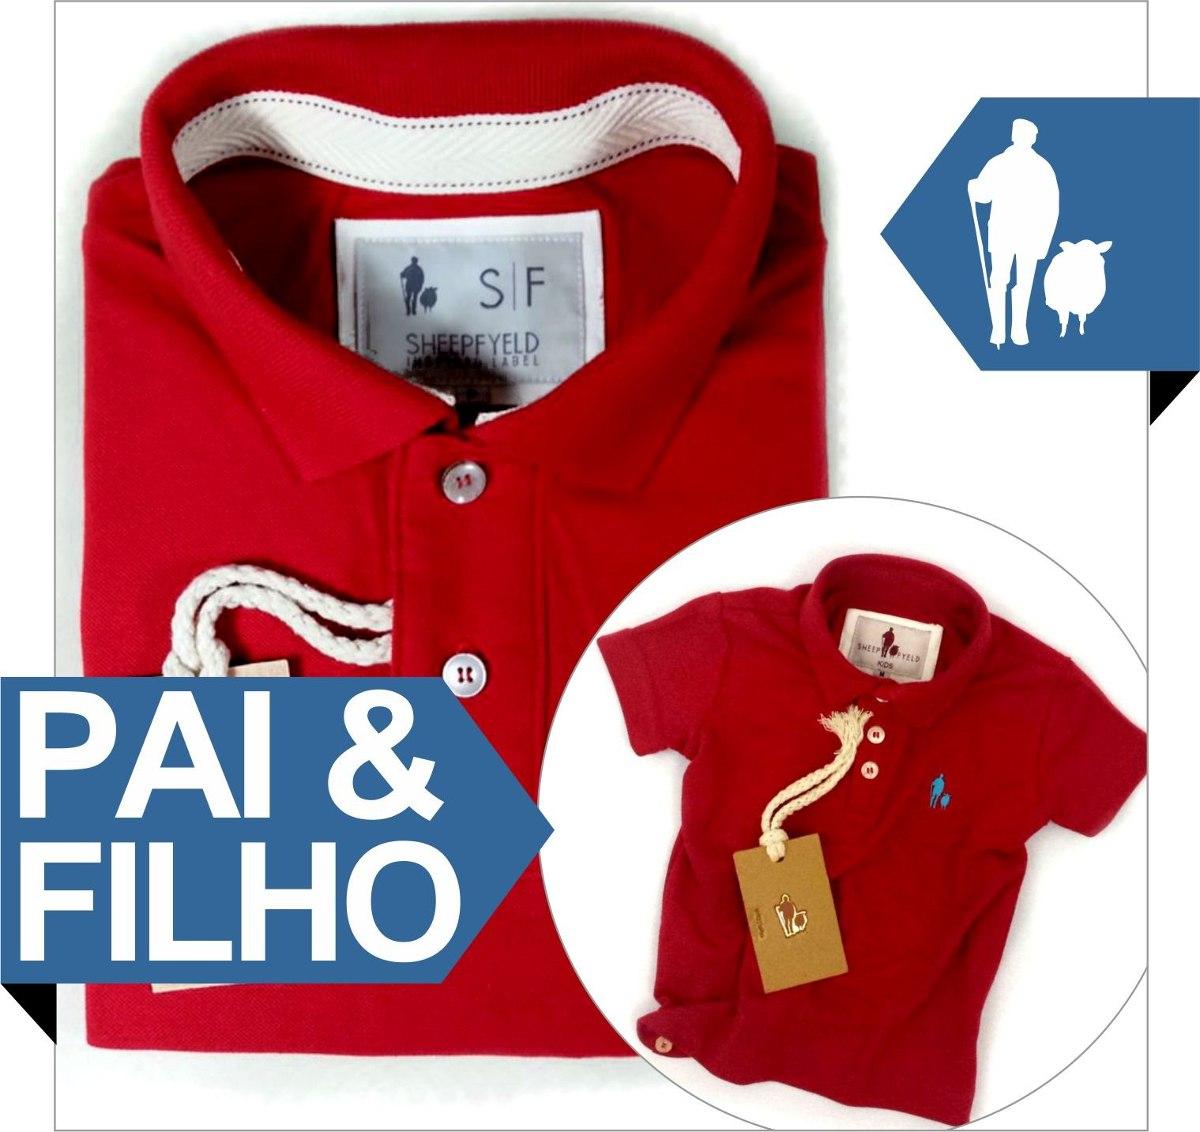 fad9035b0da5d4 Kit Polo Pai E Filho S&f, Presentes Criativos Para O Natal